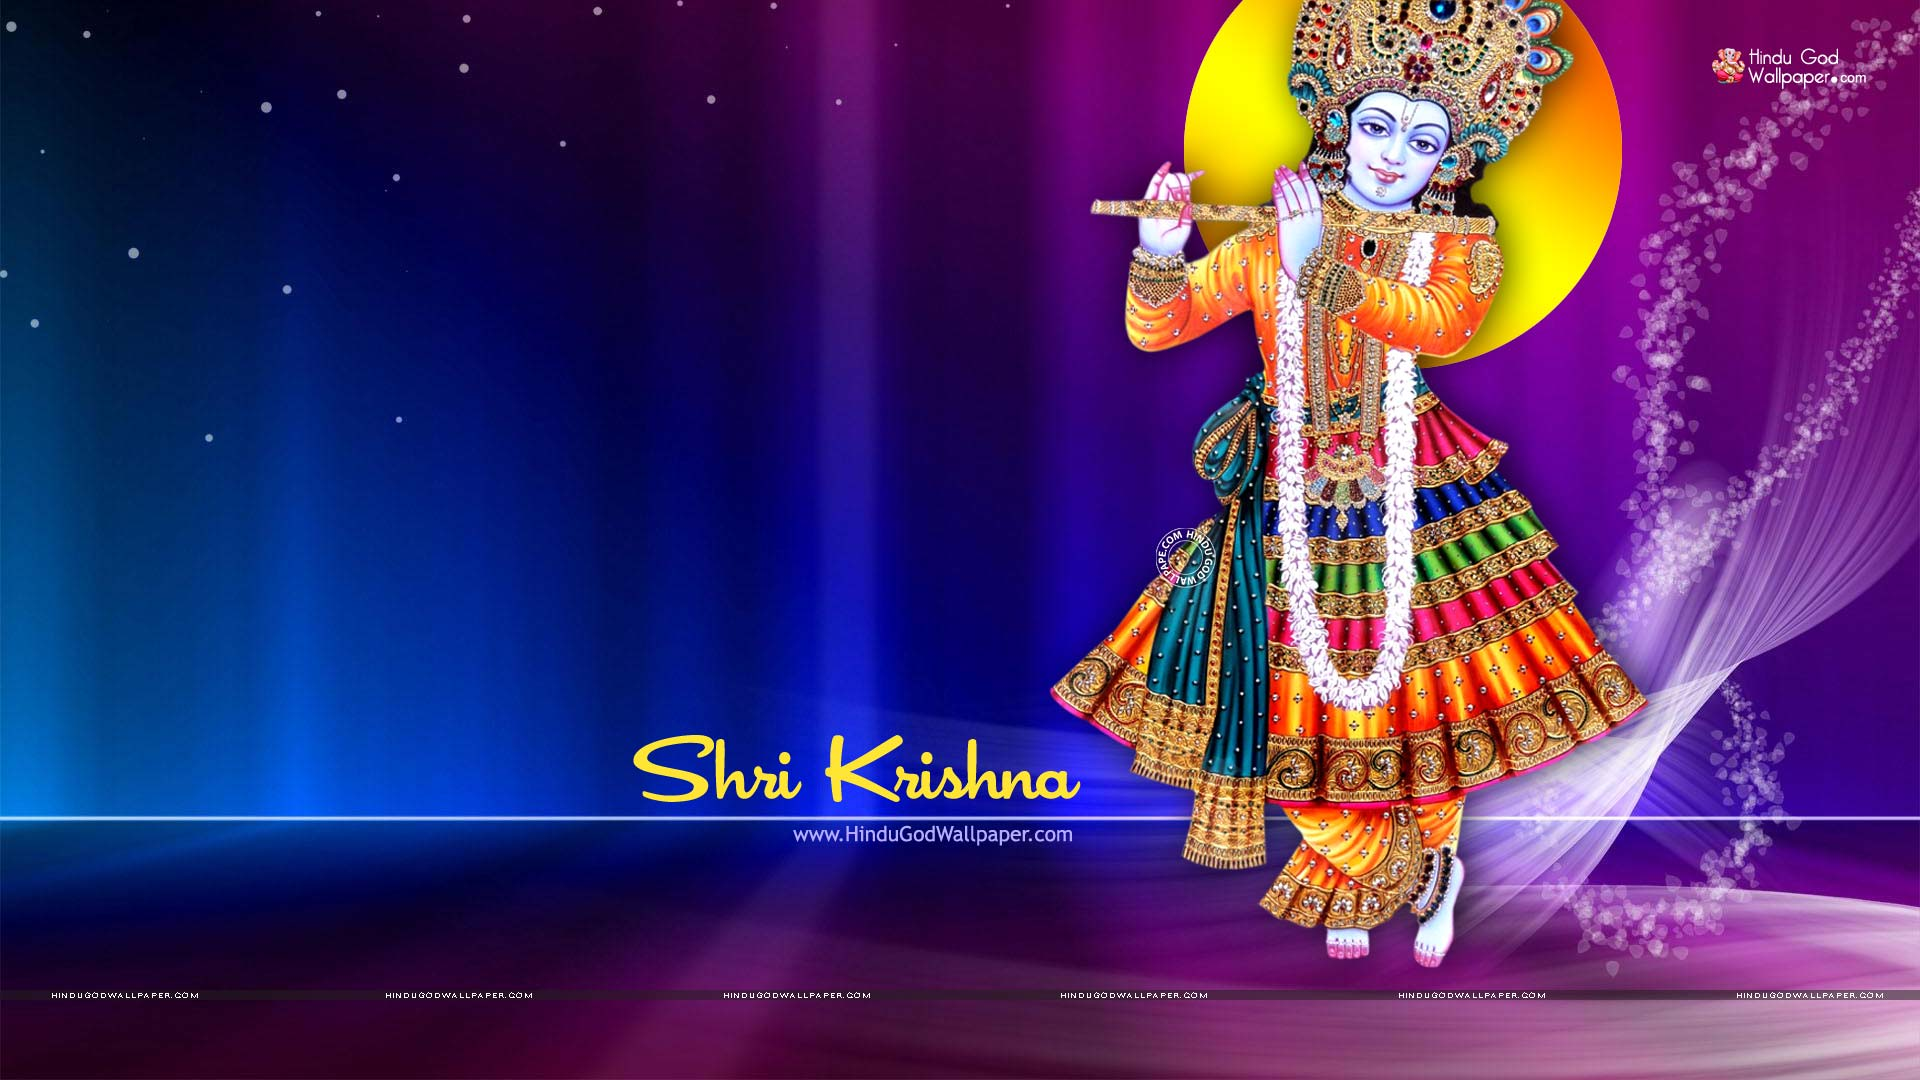 krishna wallpaper hd full